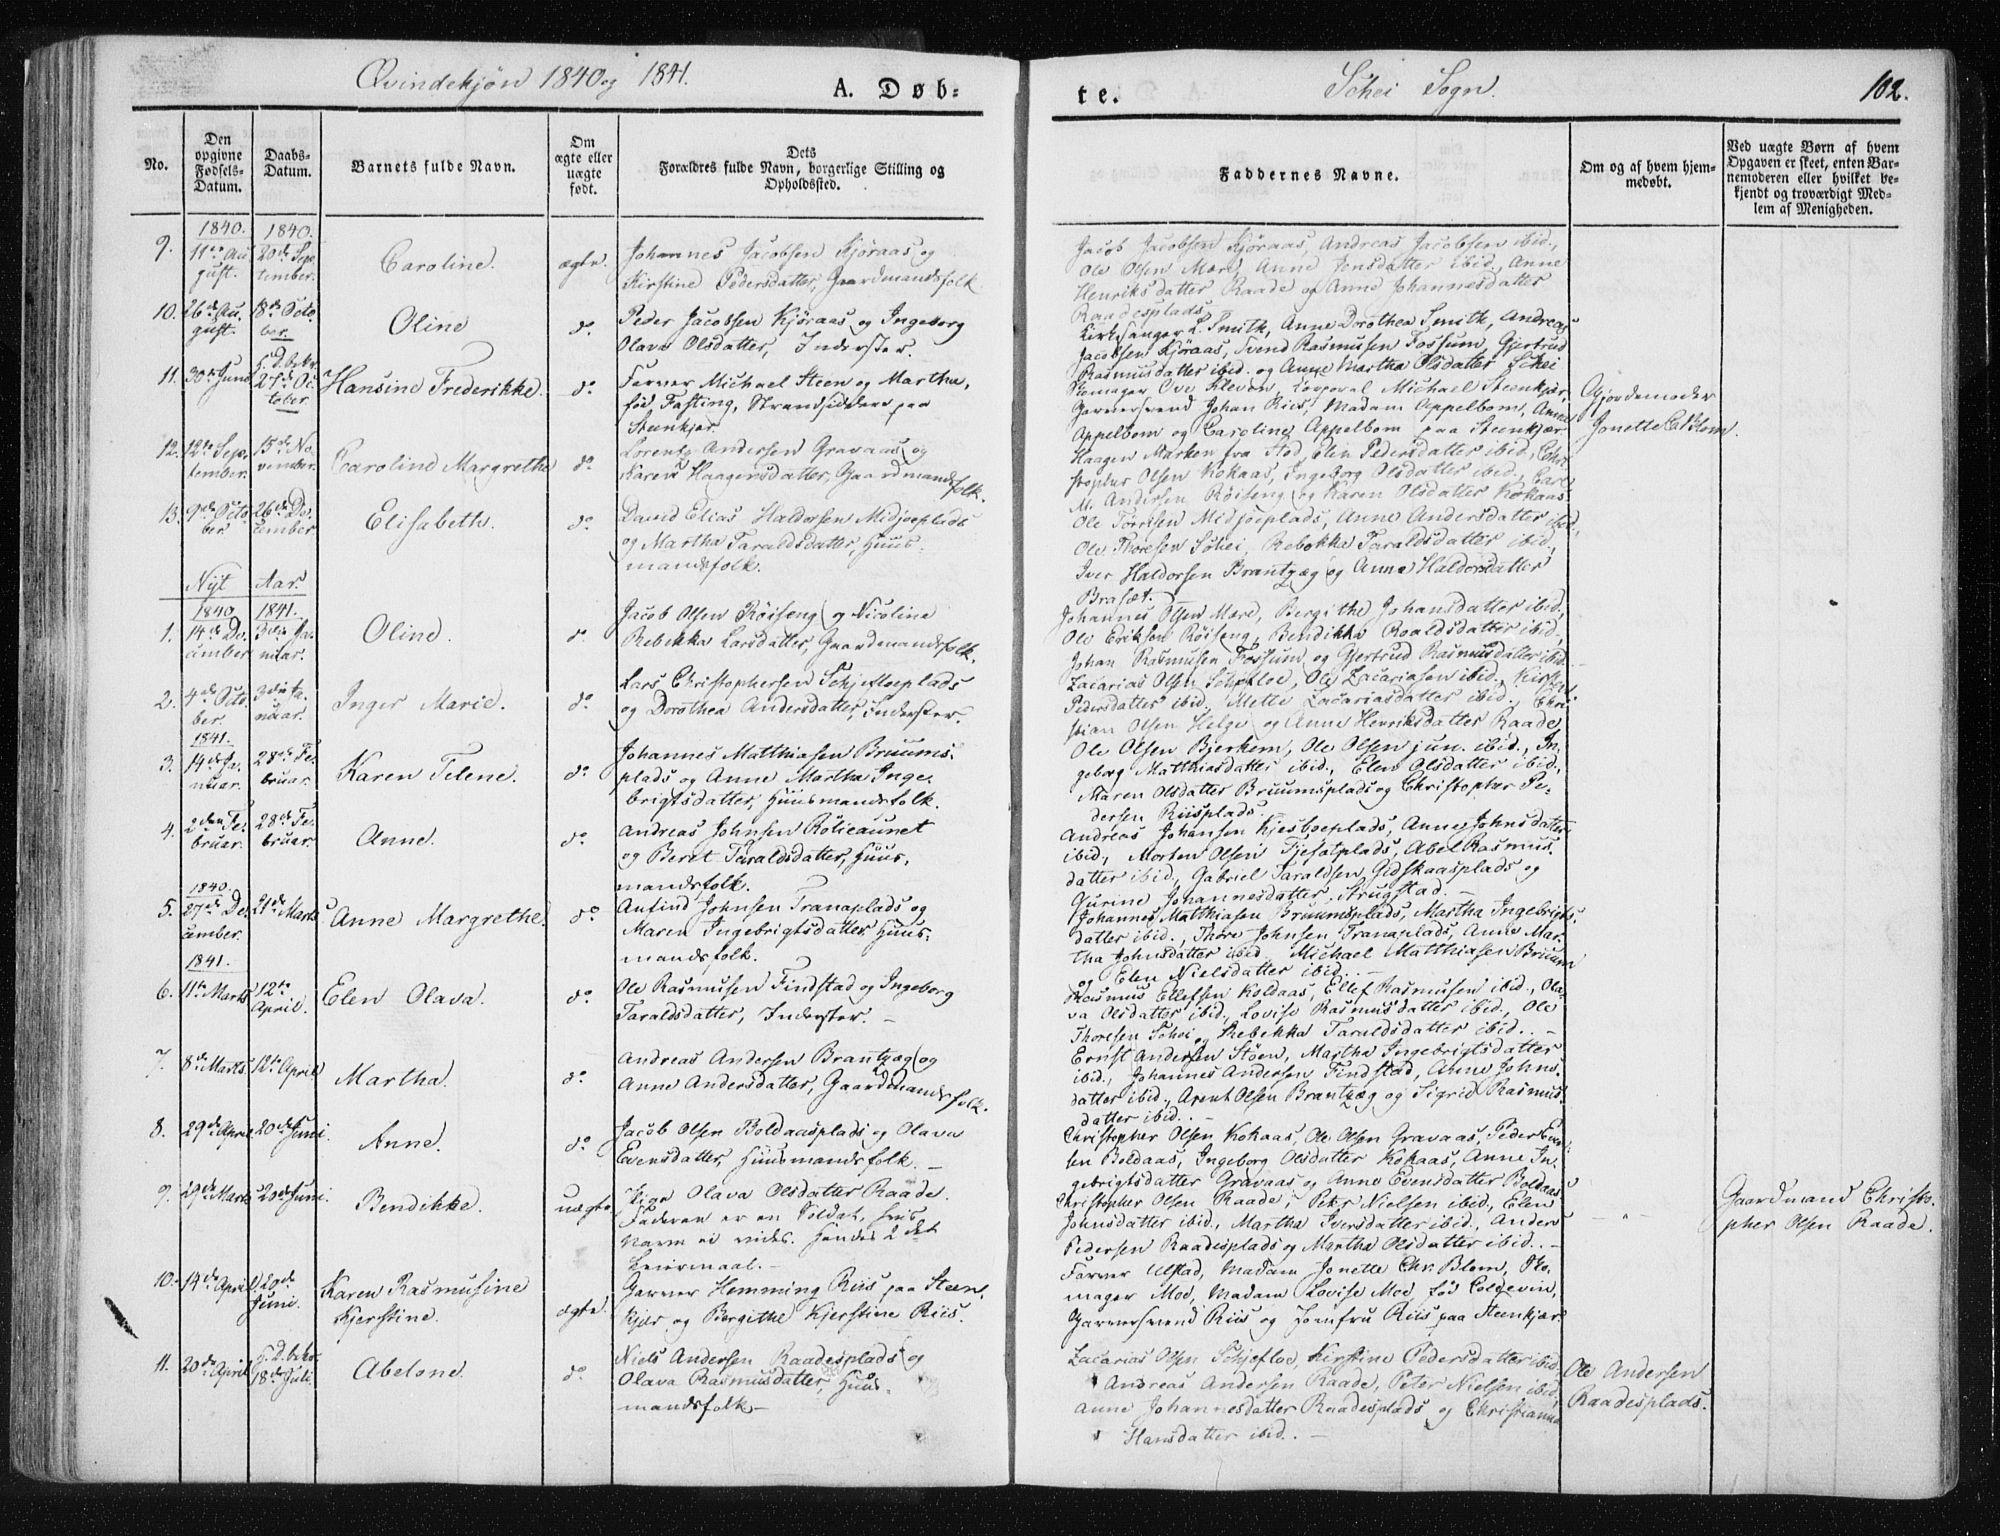 SAT, Ministerialprotokoller, klokkerbøker og fødselsregistre - Nord-Trøndelag, 735/L0339: Ministerialbok nr. 735A06 /2, 1836-1848, s. 102